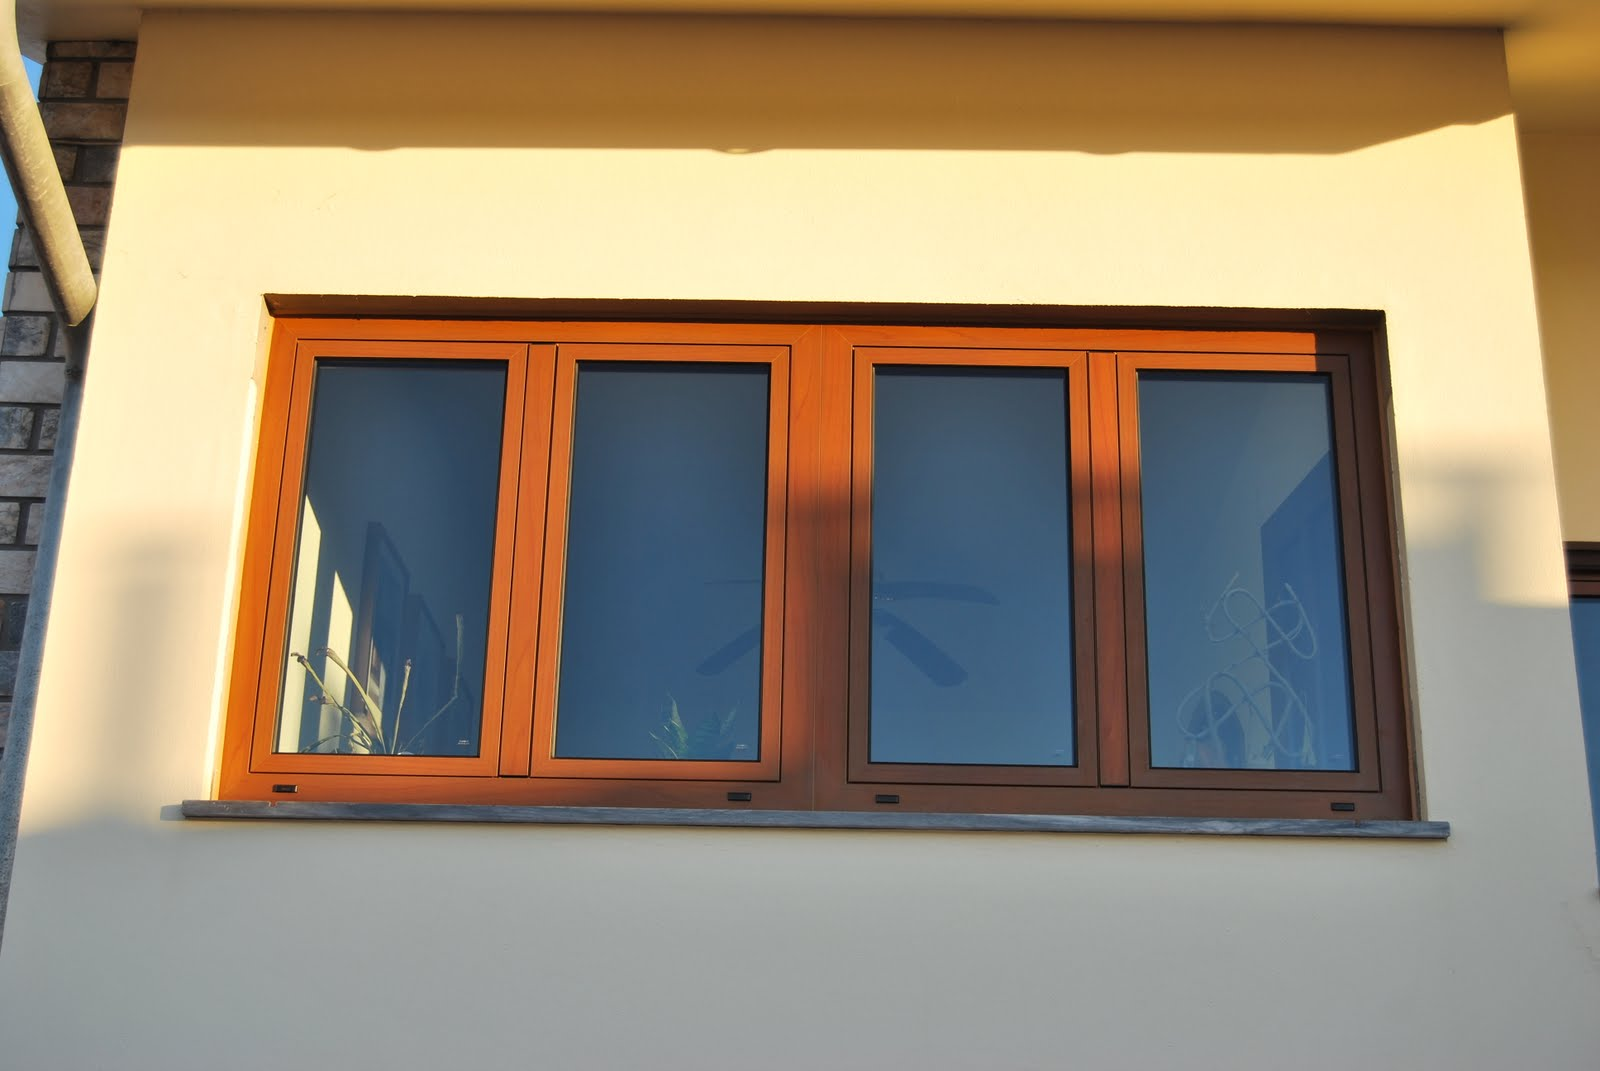 #C69905 acabamento e tratamento termolacado efeito madeira. 18 Janelas De Vidro Com Madeira